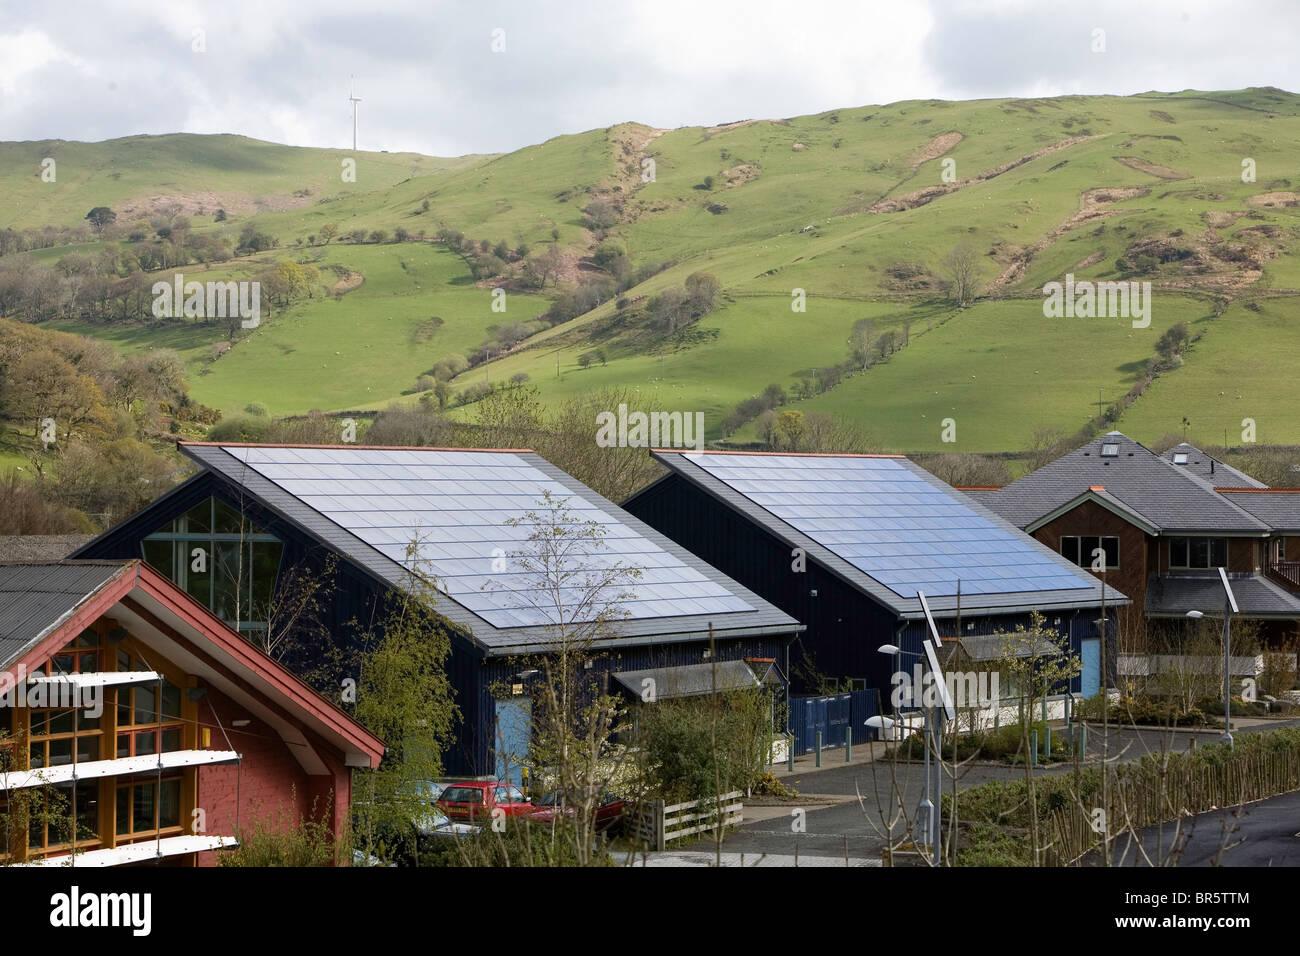 Techos revestidos con paneles de energía solar fotovoltaica en Dyfi Eco Park, Machynlleth, Gales. Imagen De Stock